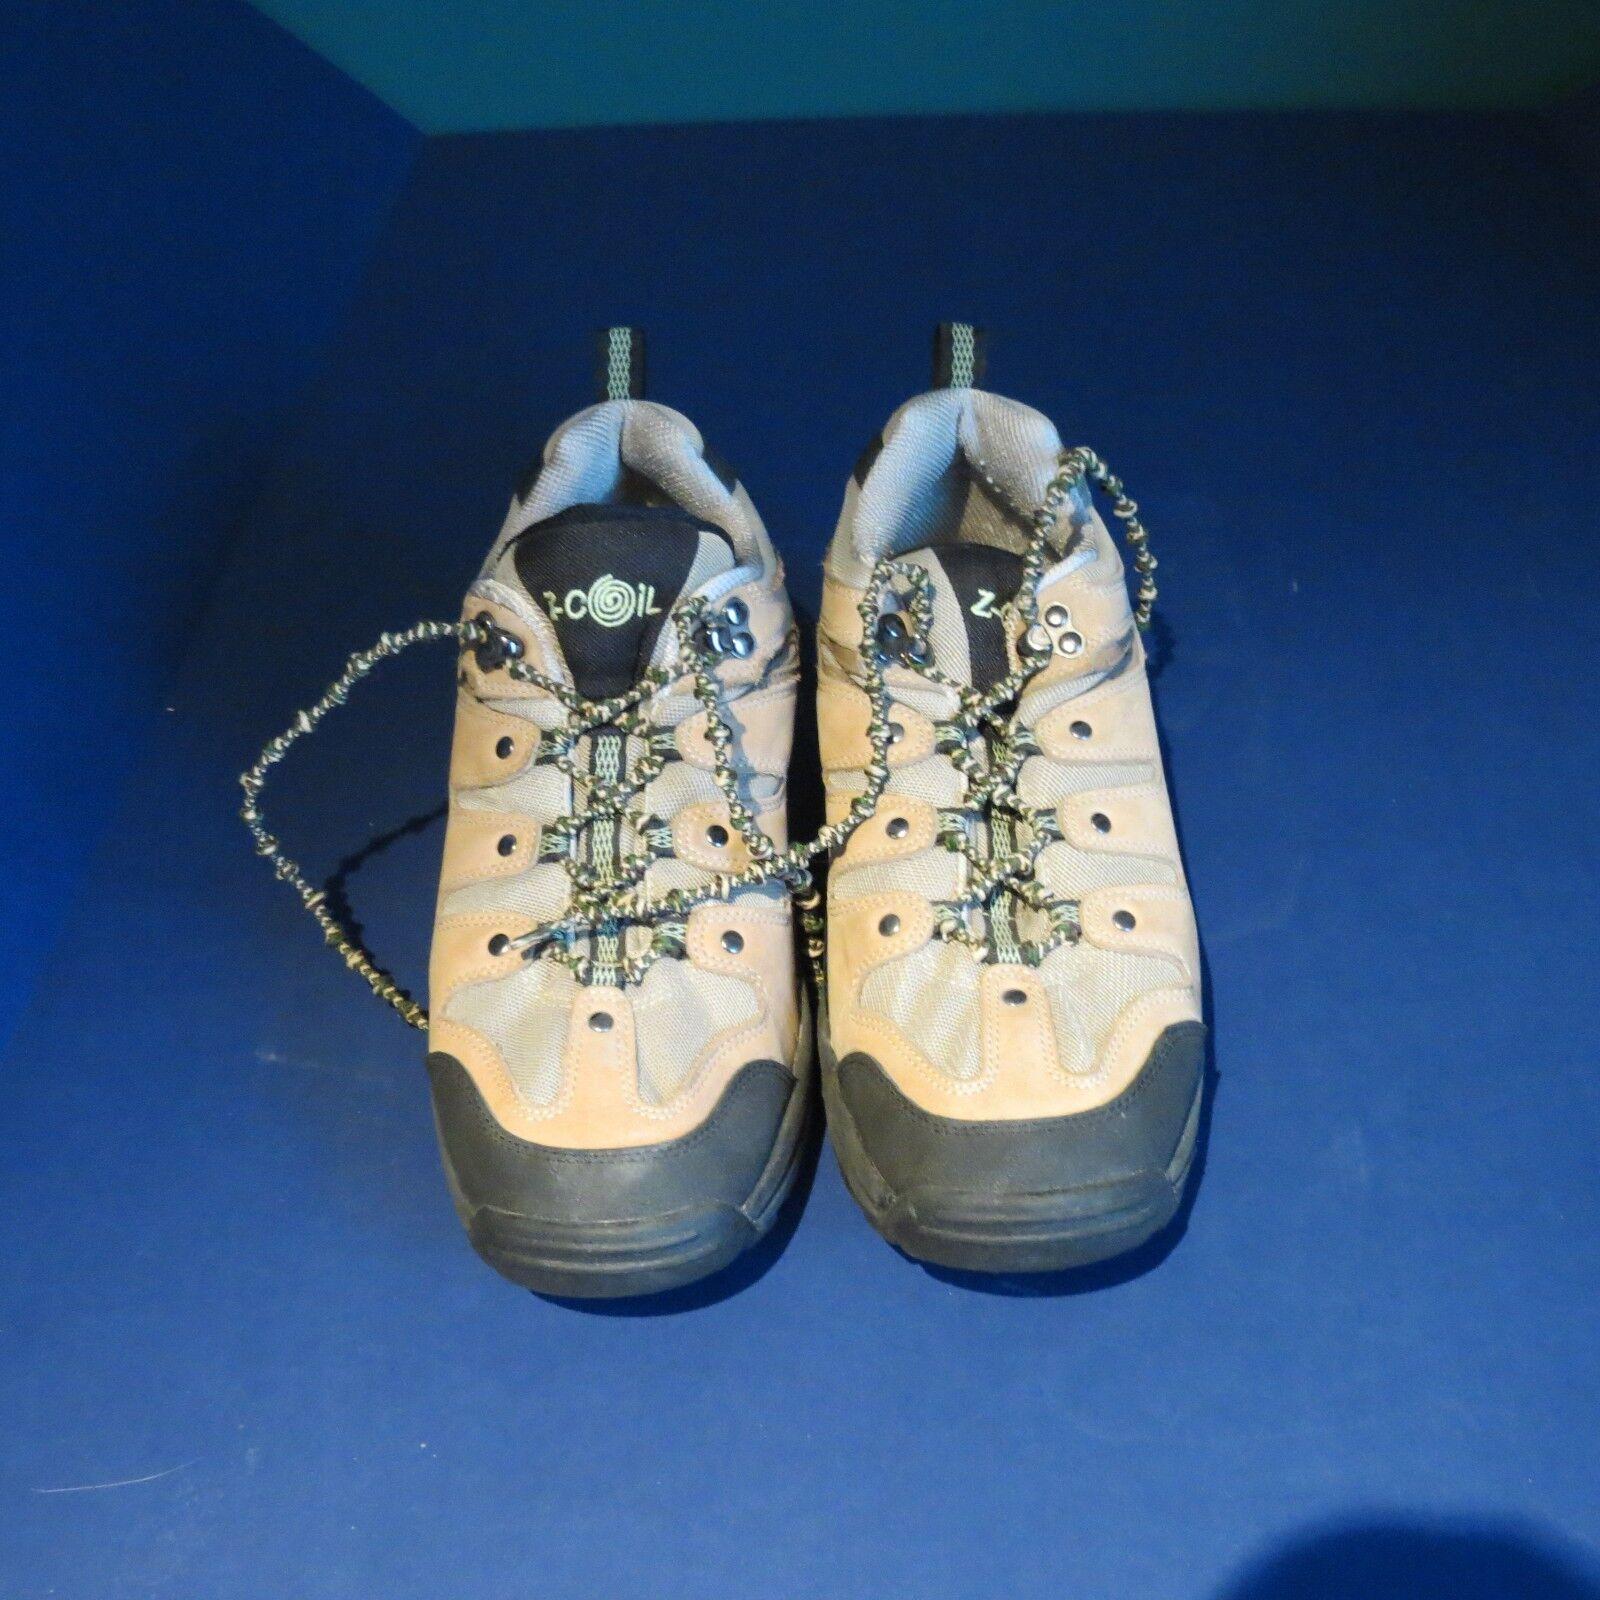 edizione limitata EUC Z-coil Z-coil Z-coil pain relief footwear donna 10 tan z-trek used 1 week knotted laces  con il 100% di qualità e il 100% di servizio